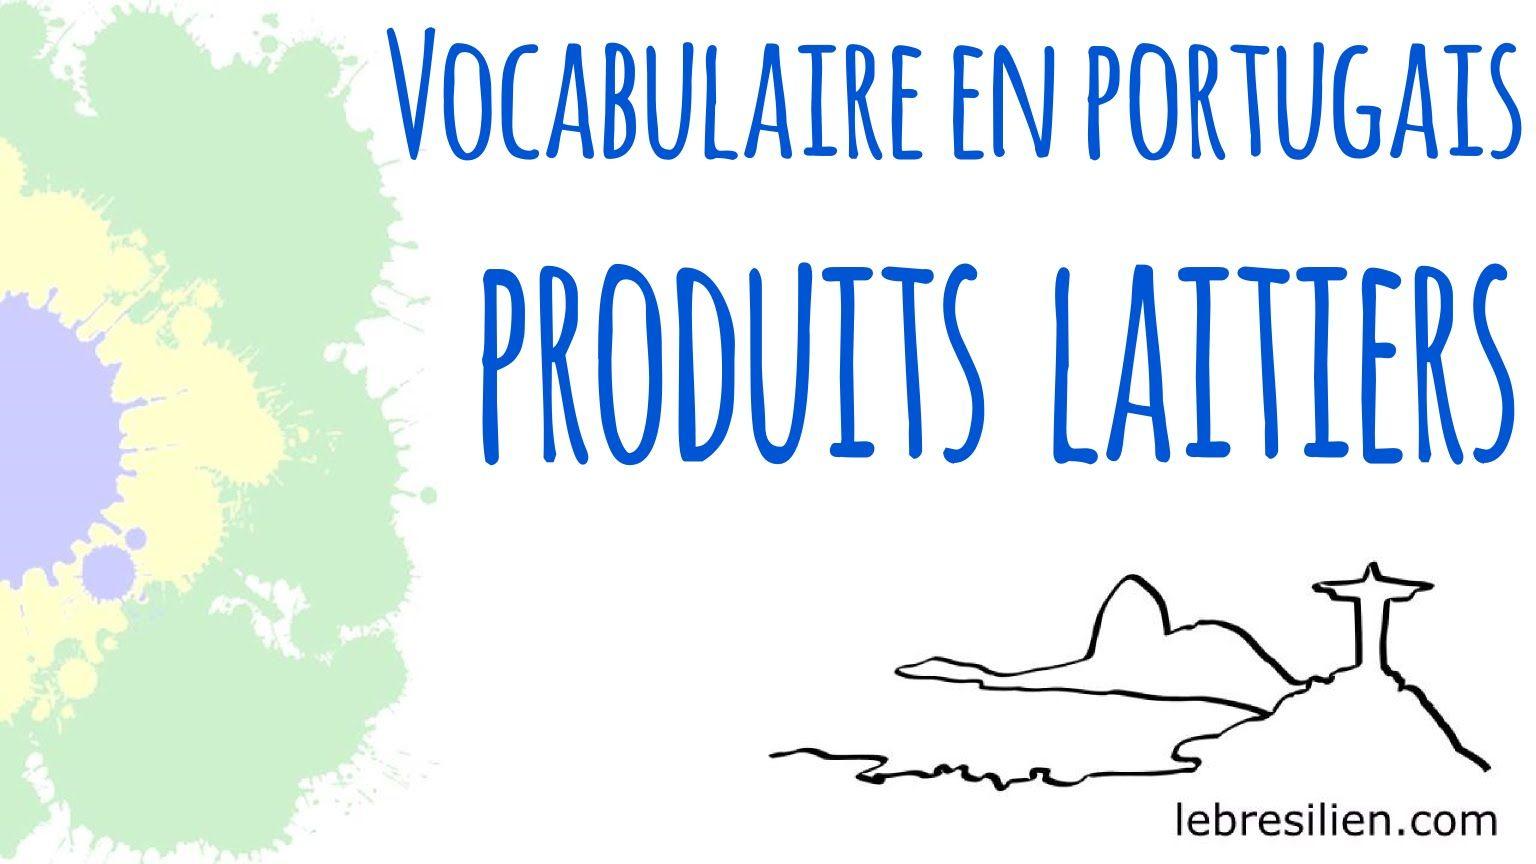 Vocabulaire Portugais Brésilien - Produits Laitiers